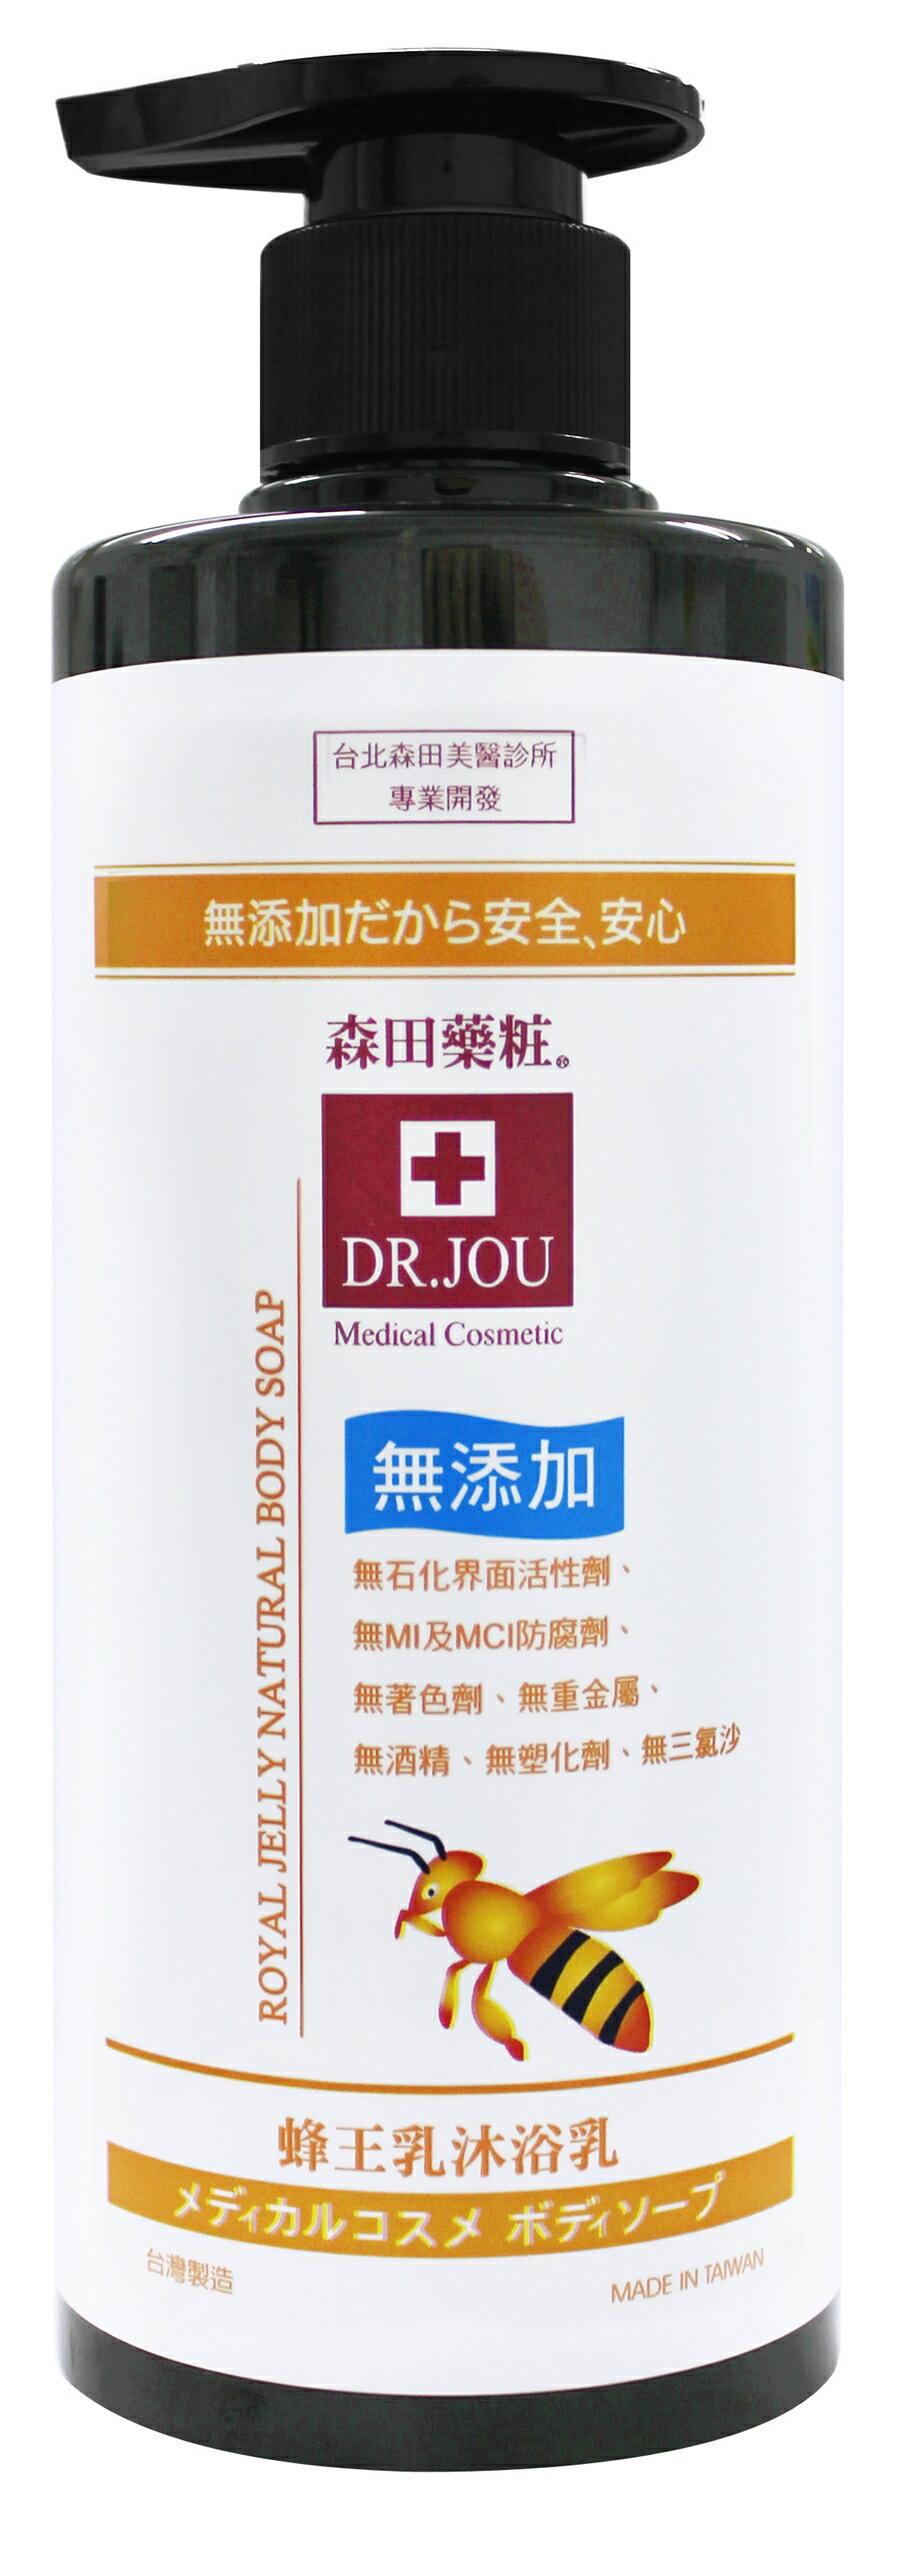 [買一送一]森田藥粧蜂王乳沐浴乳[無添加]500ml 加贈按摩巾